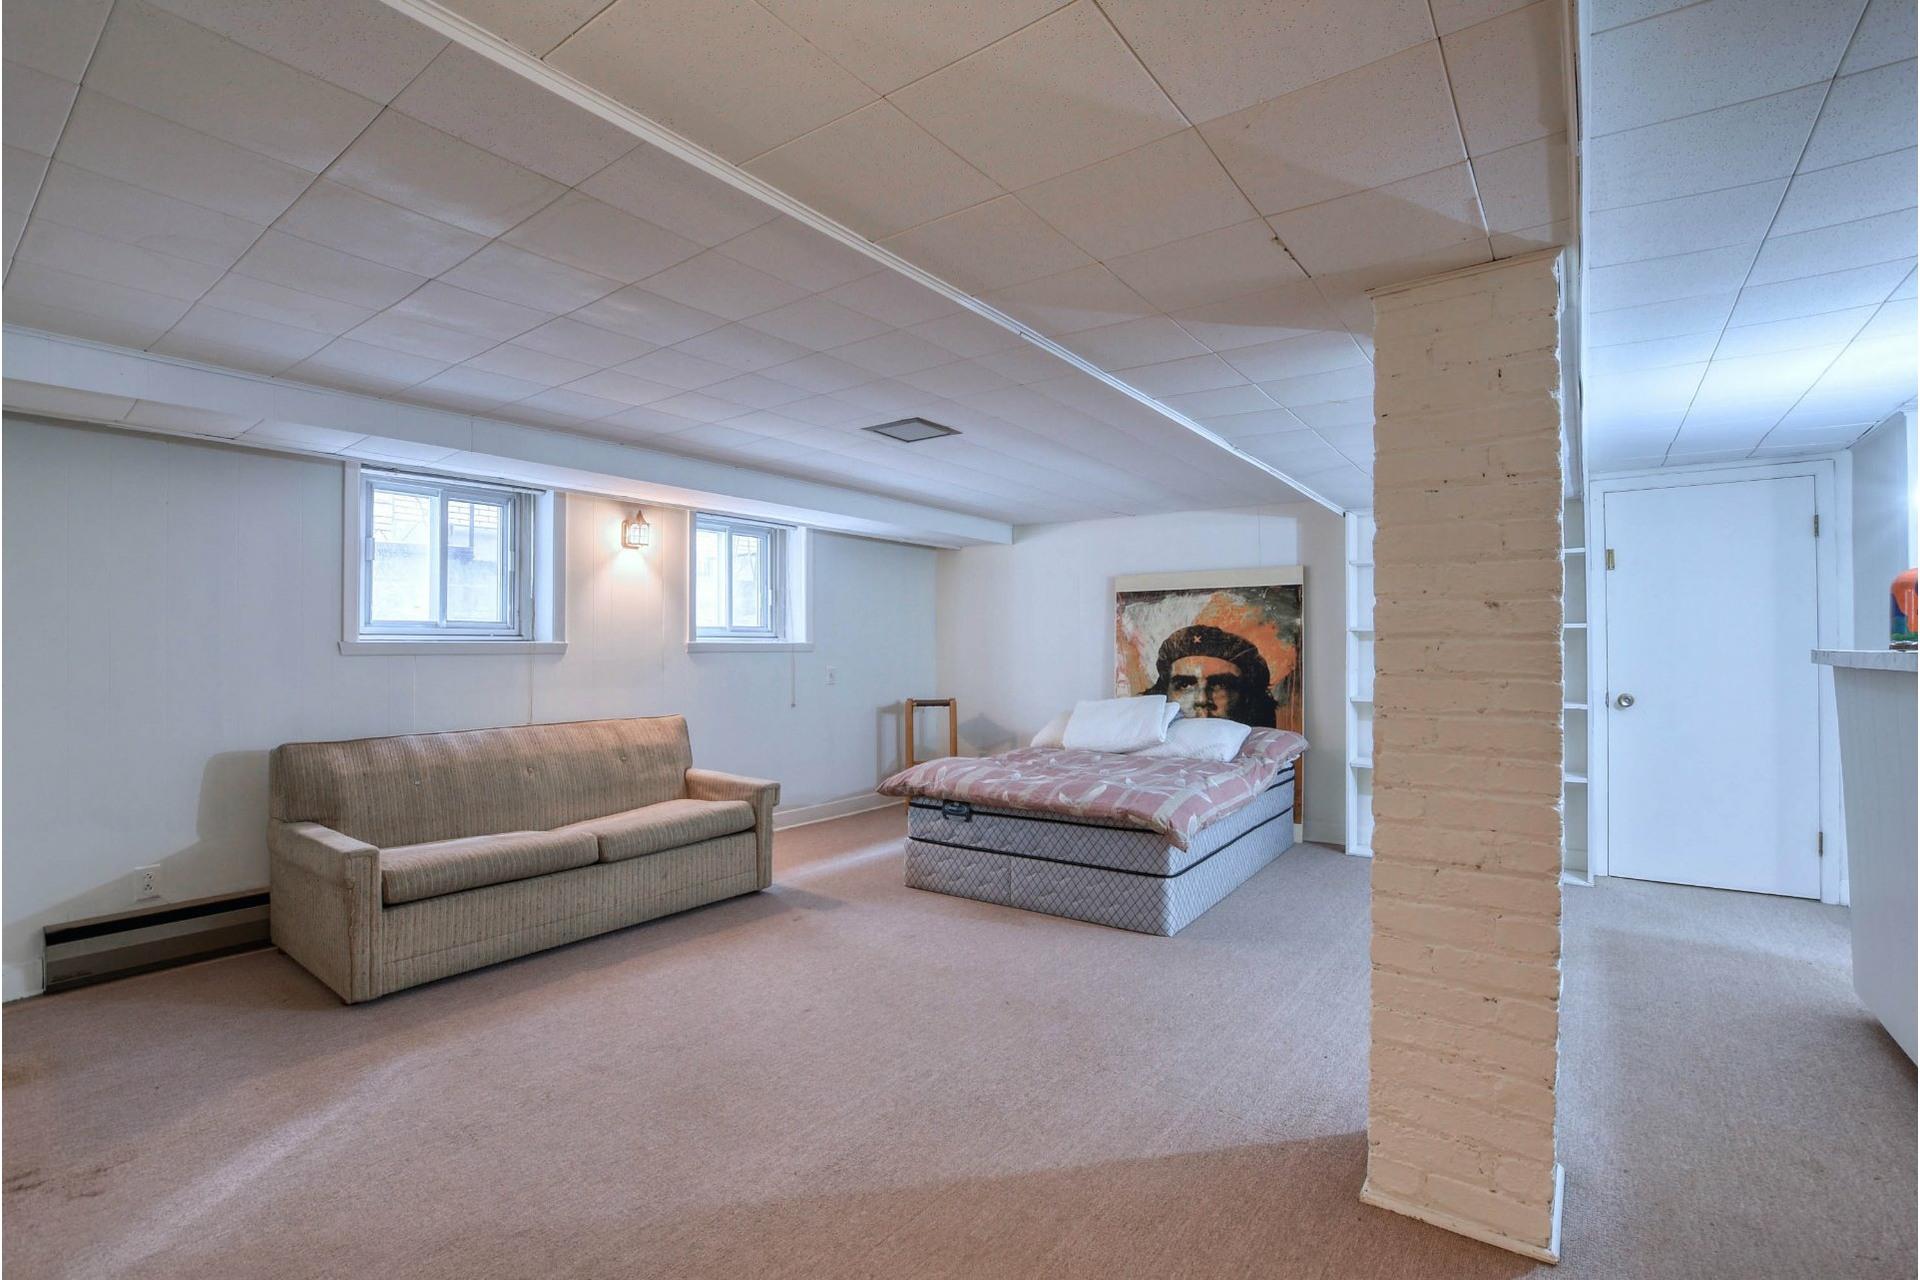 image 18 - Duplex For sale Côte-des-Neiges/Notre-Dame-de-Grâce Montréal  - 8 rooms